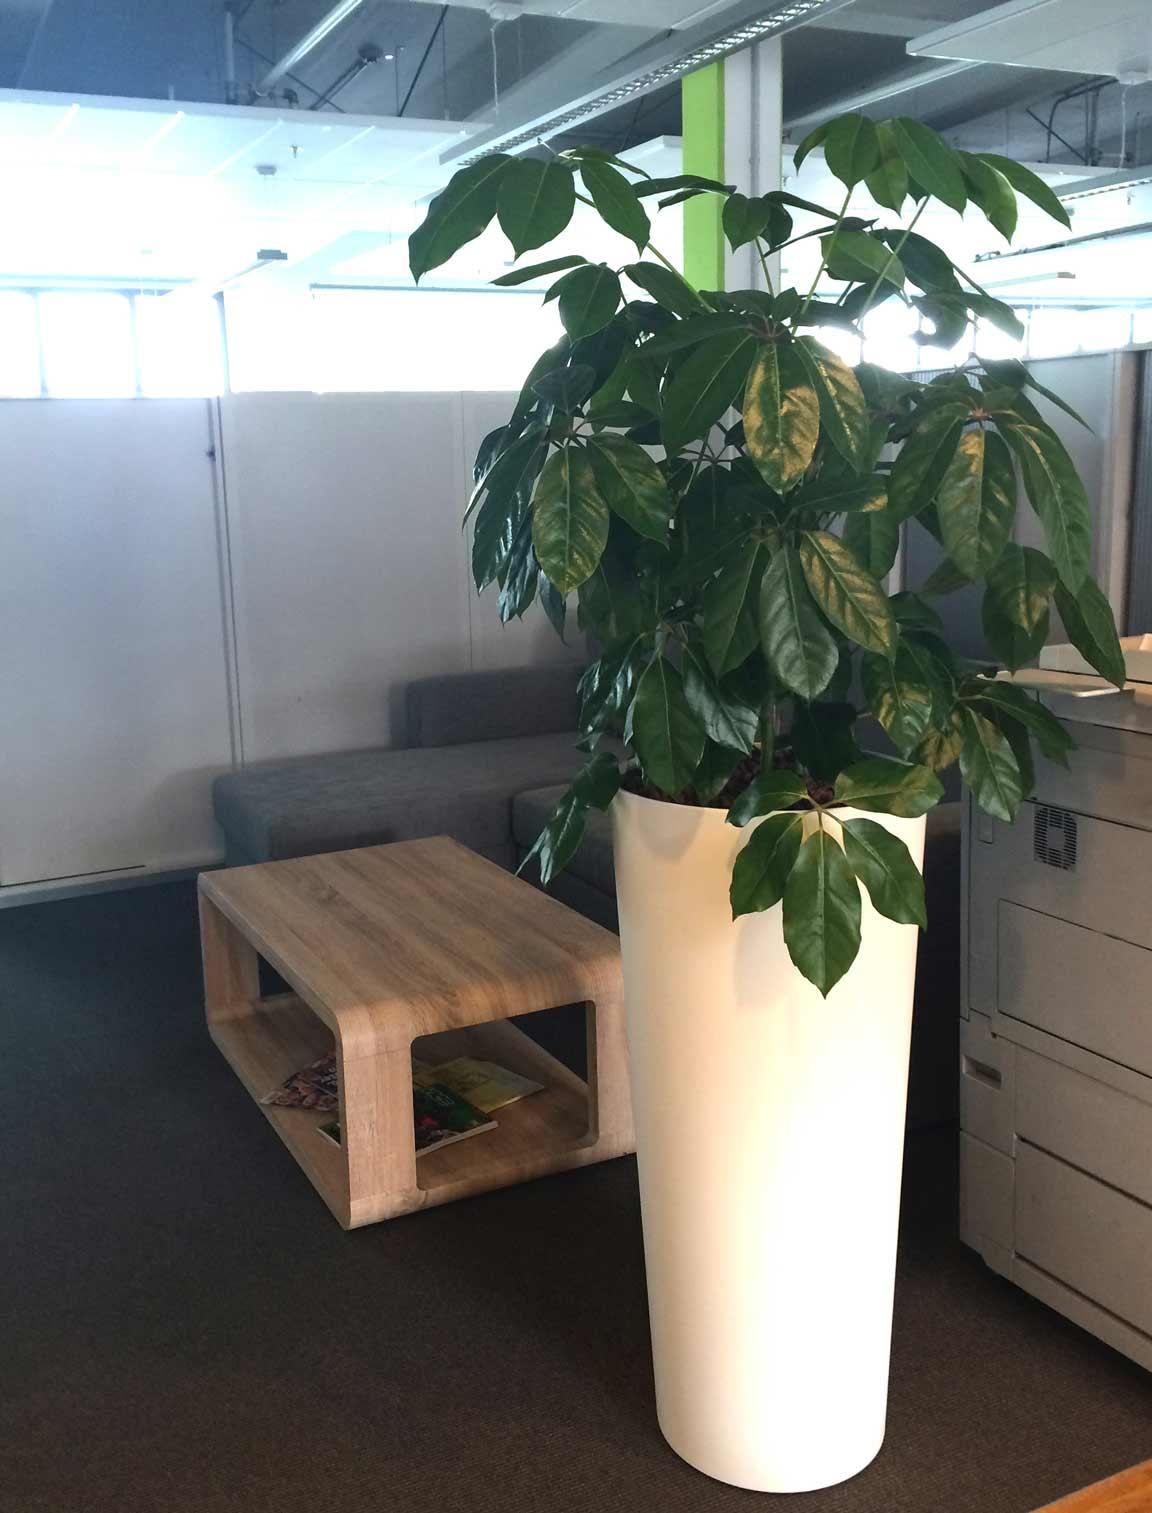 Pflanzvase mit Hydrokultur bepflanzt, Büropflanze Schefflera, akzente raumbegrünung